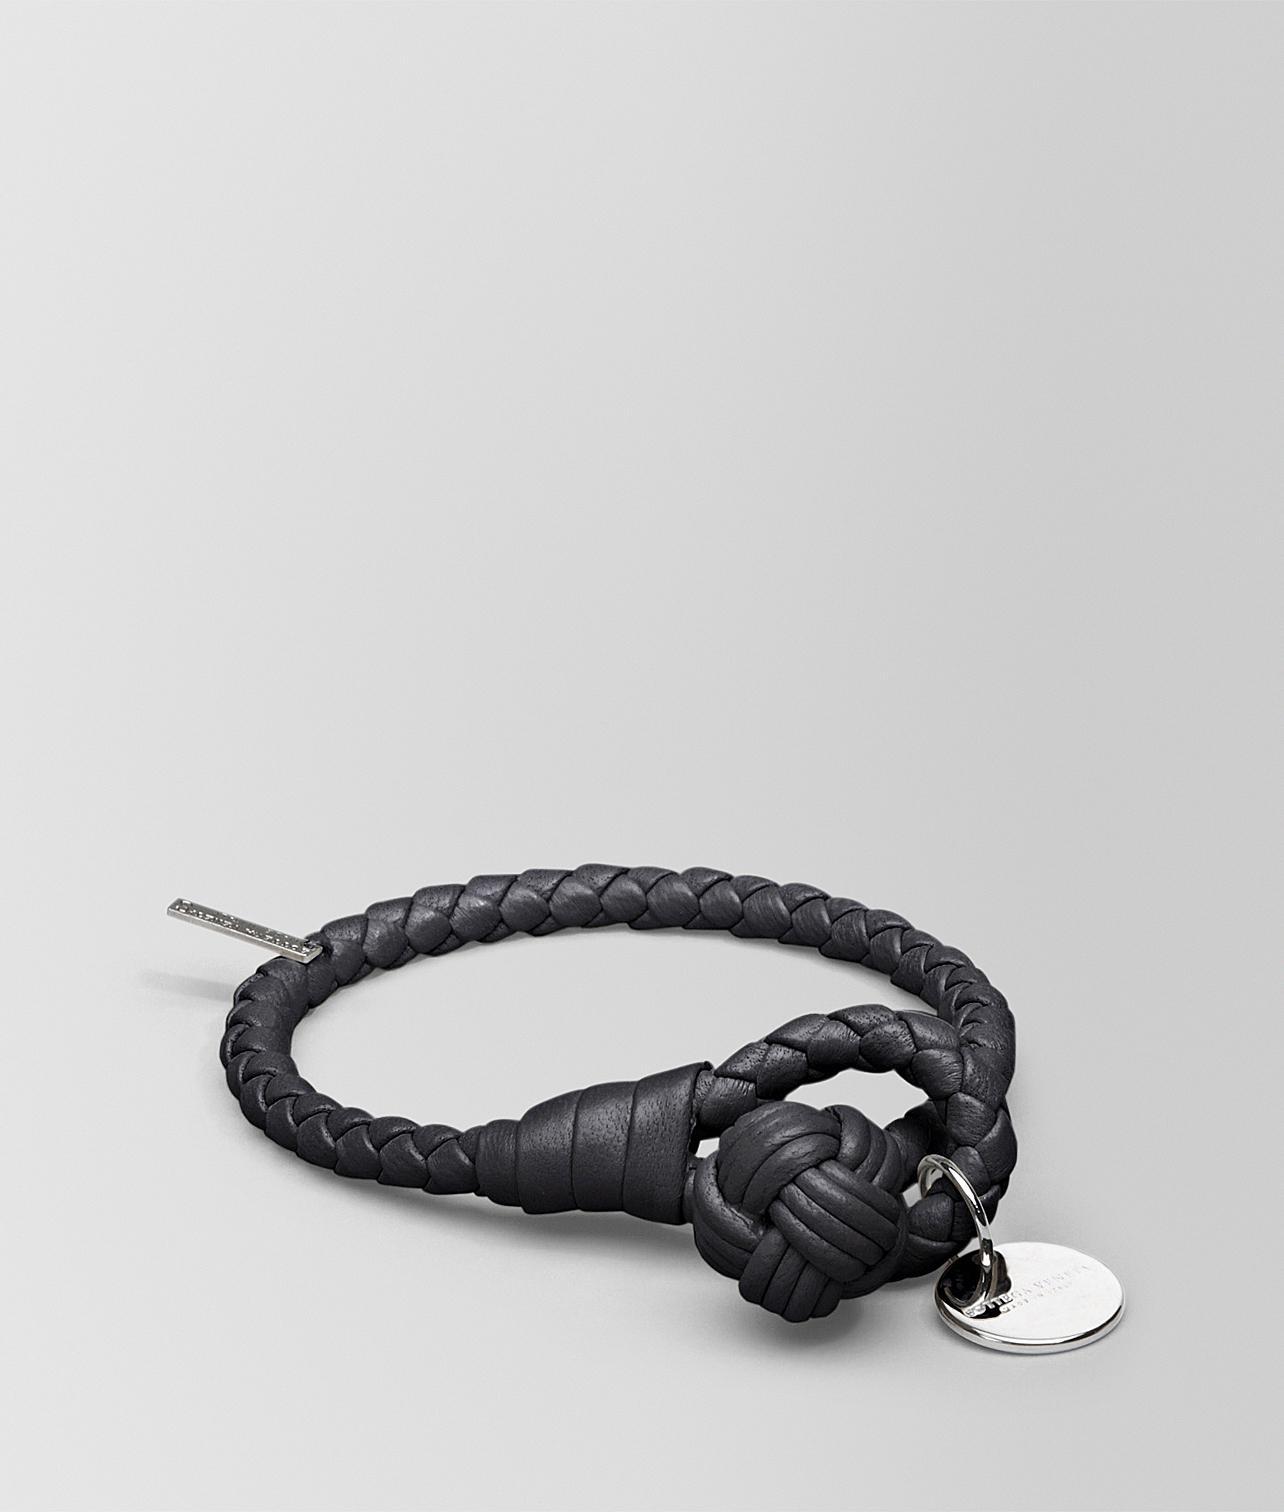 668ce37d3d027 Bottega Veneta Bracelet In Nero Intrecciato Nappa in Black for Men ...